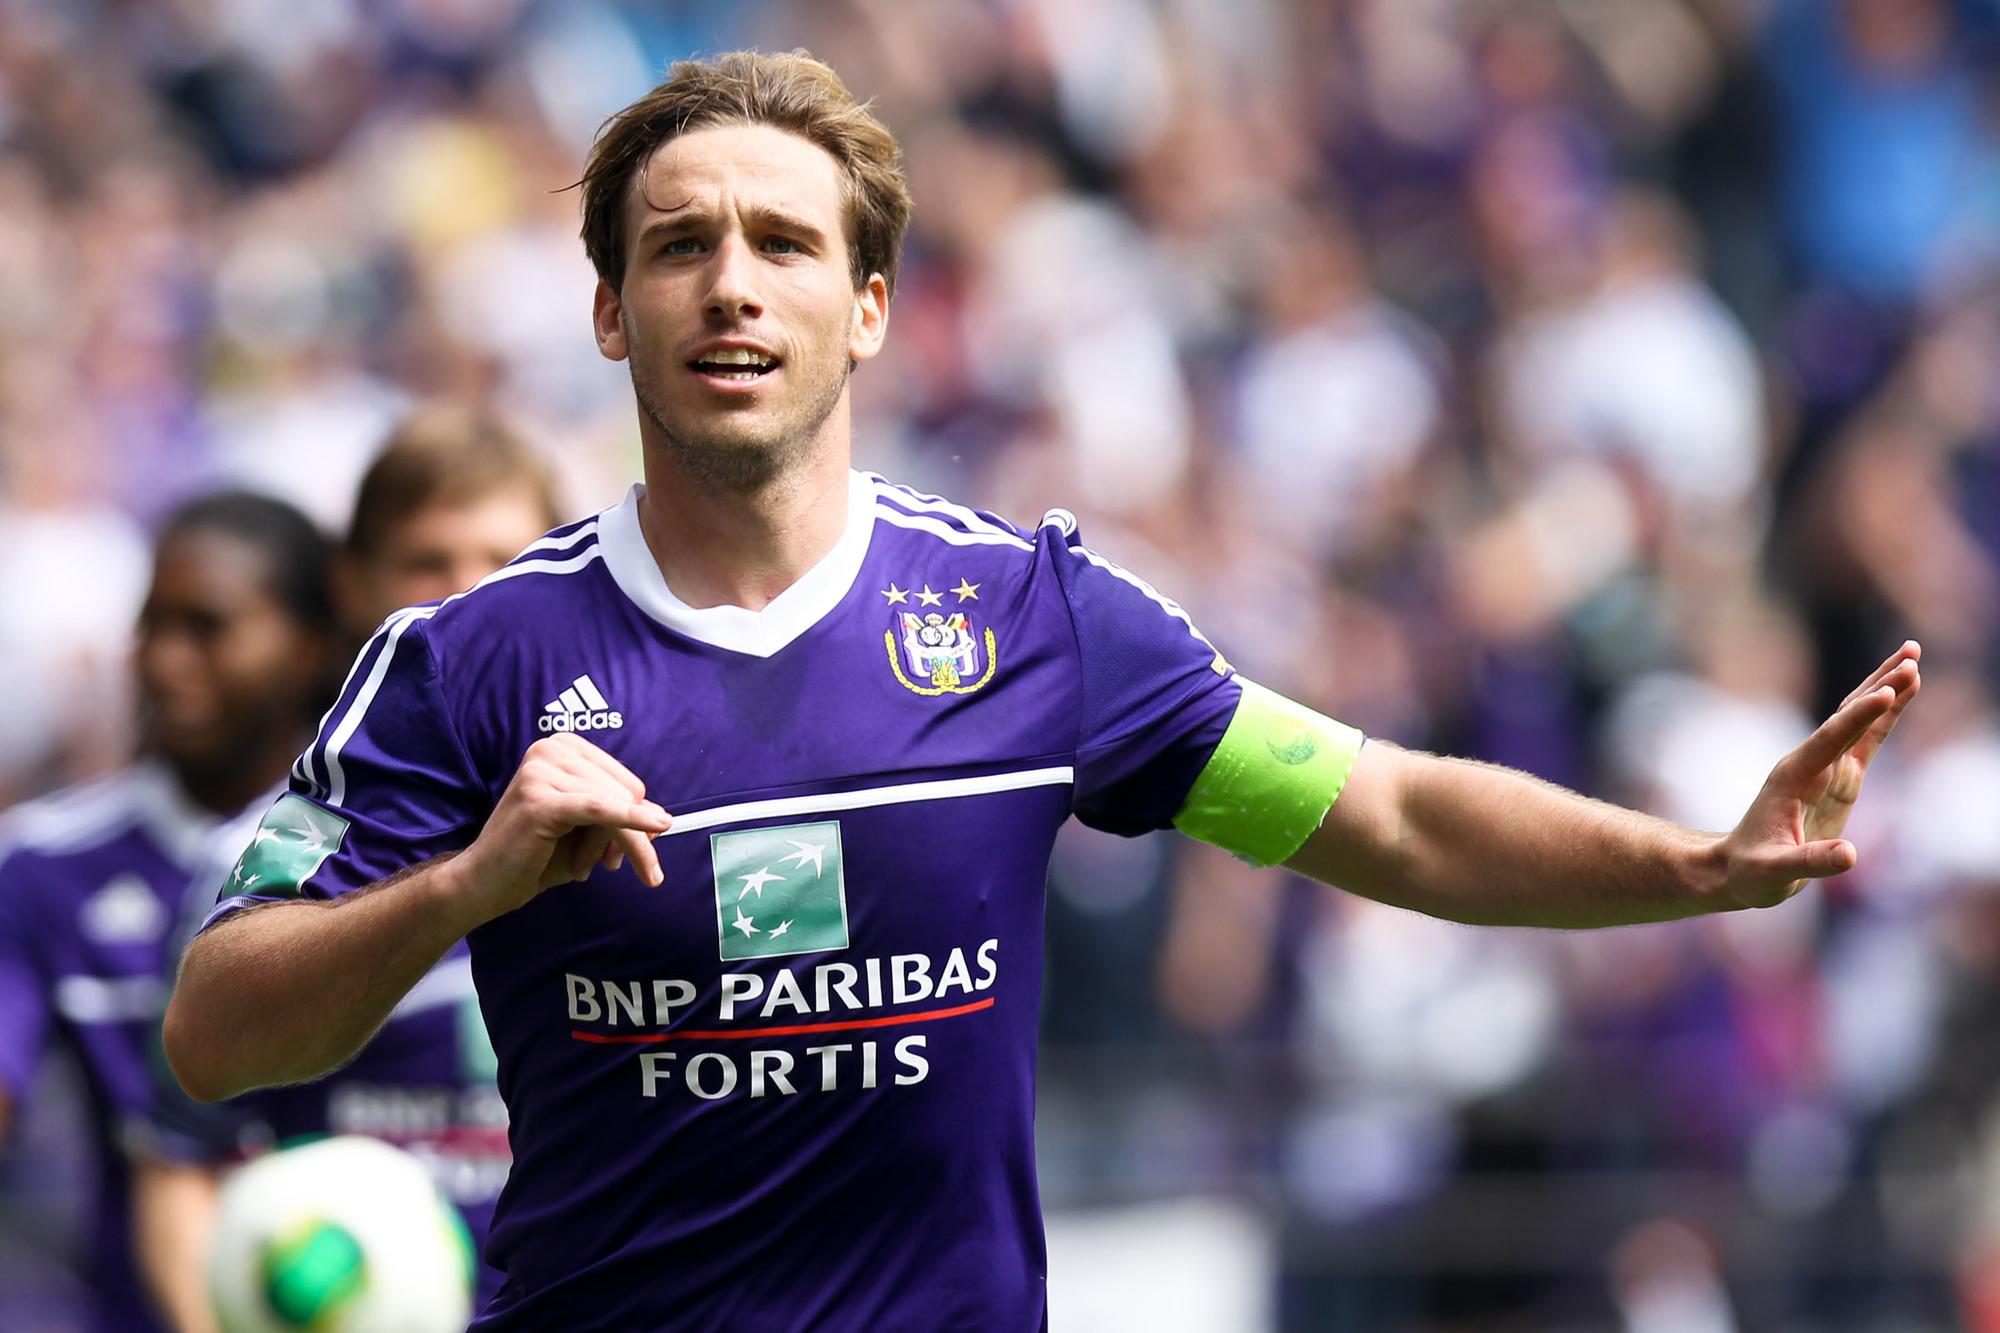 Lucas Biglia, de kapitein van Anderlecht, Belga Image